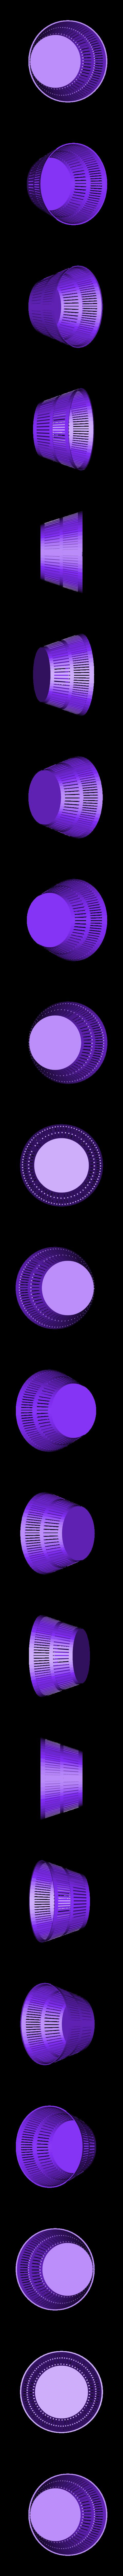 PerforatedBowl.stl Télécharger fichier STL gratuit Pot de fleur personnalisable, bol ou vase • Plan pour impression 3D, eirikso